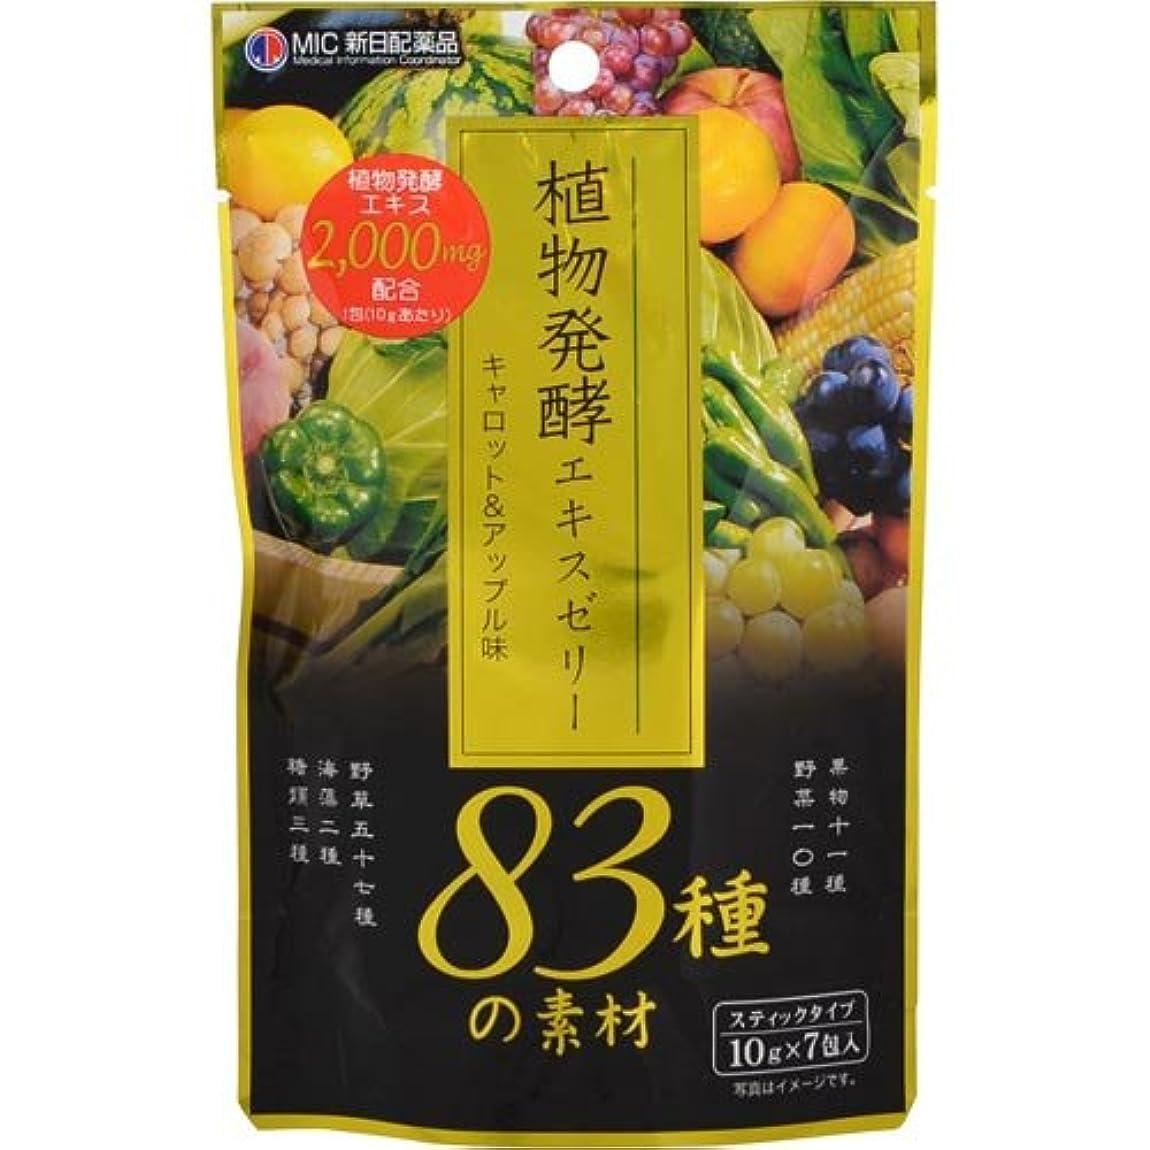 不適慢なオーブン植物醗酵エキスゼリー キャロット&アップル味 10g×7包